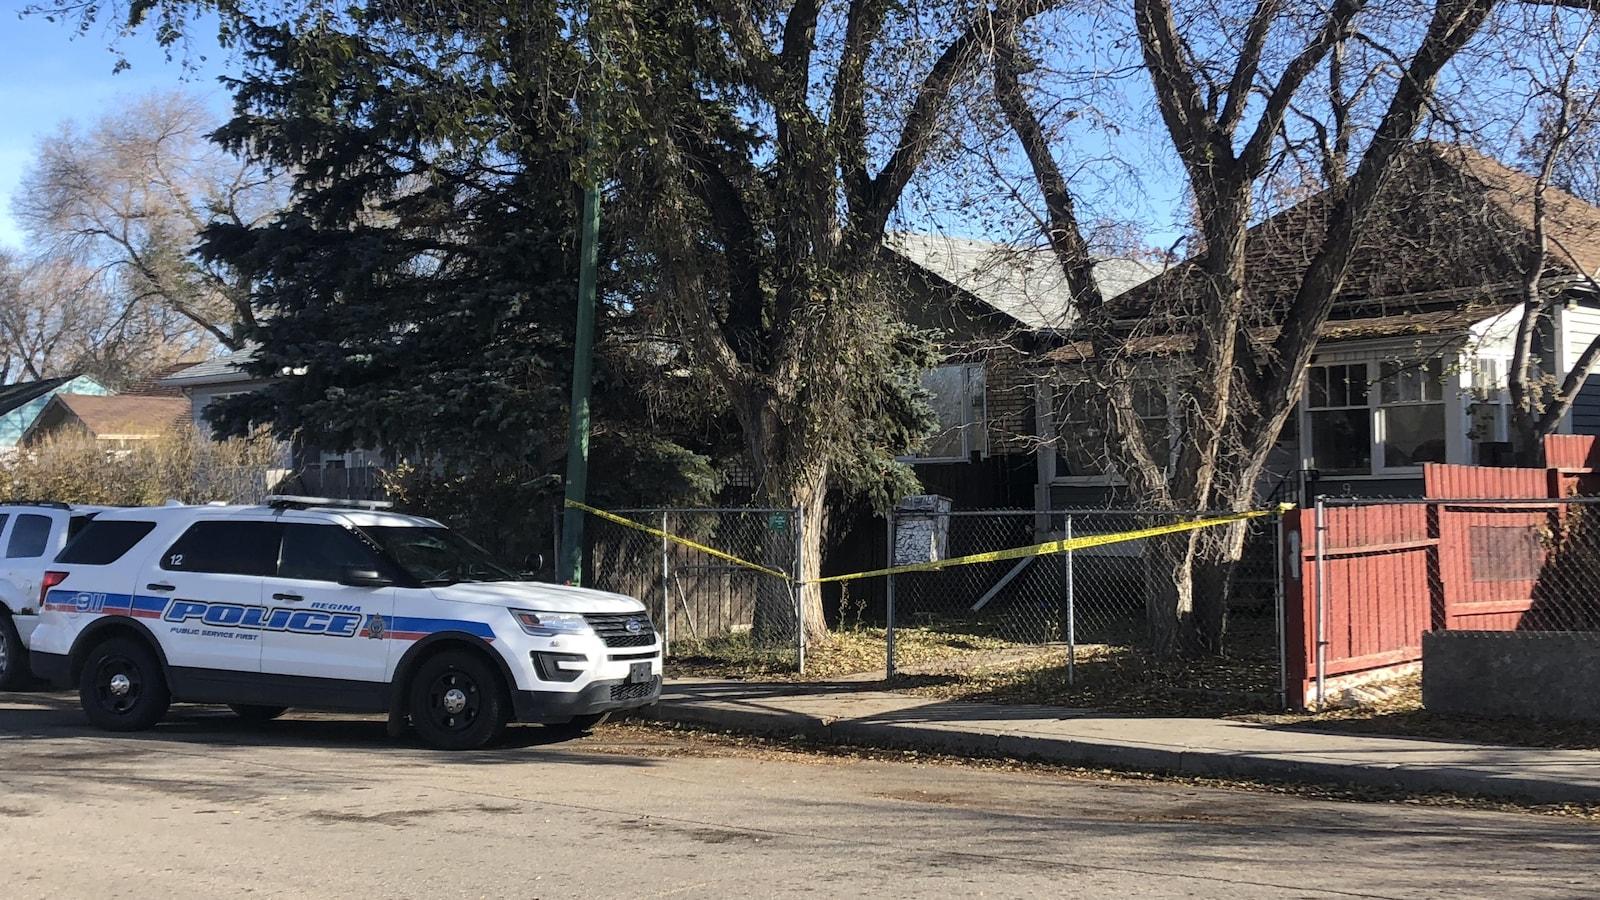 Voiture de la police de Regina devant la maison où a été trouvée la victime.